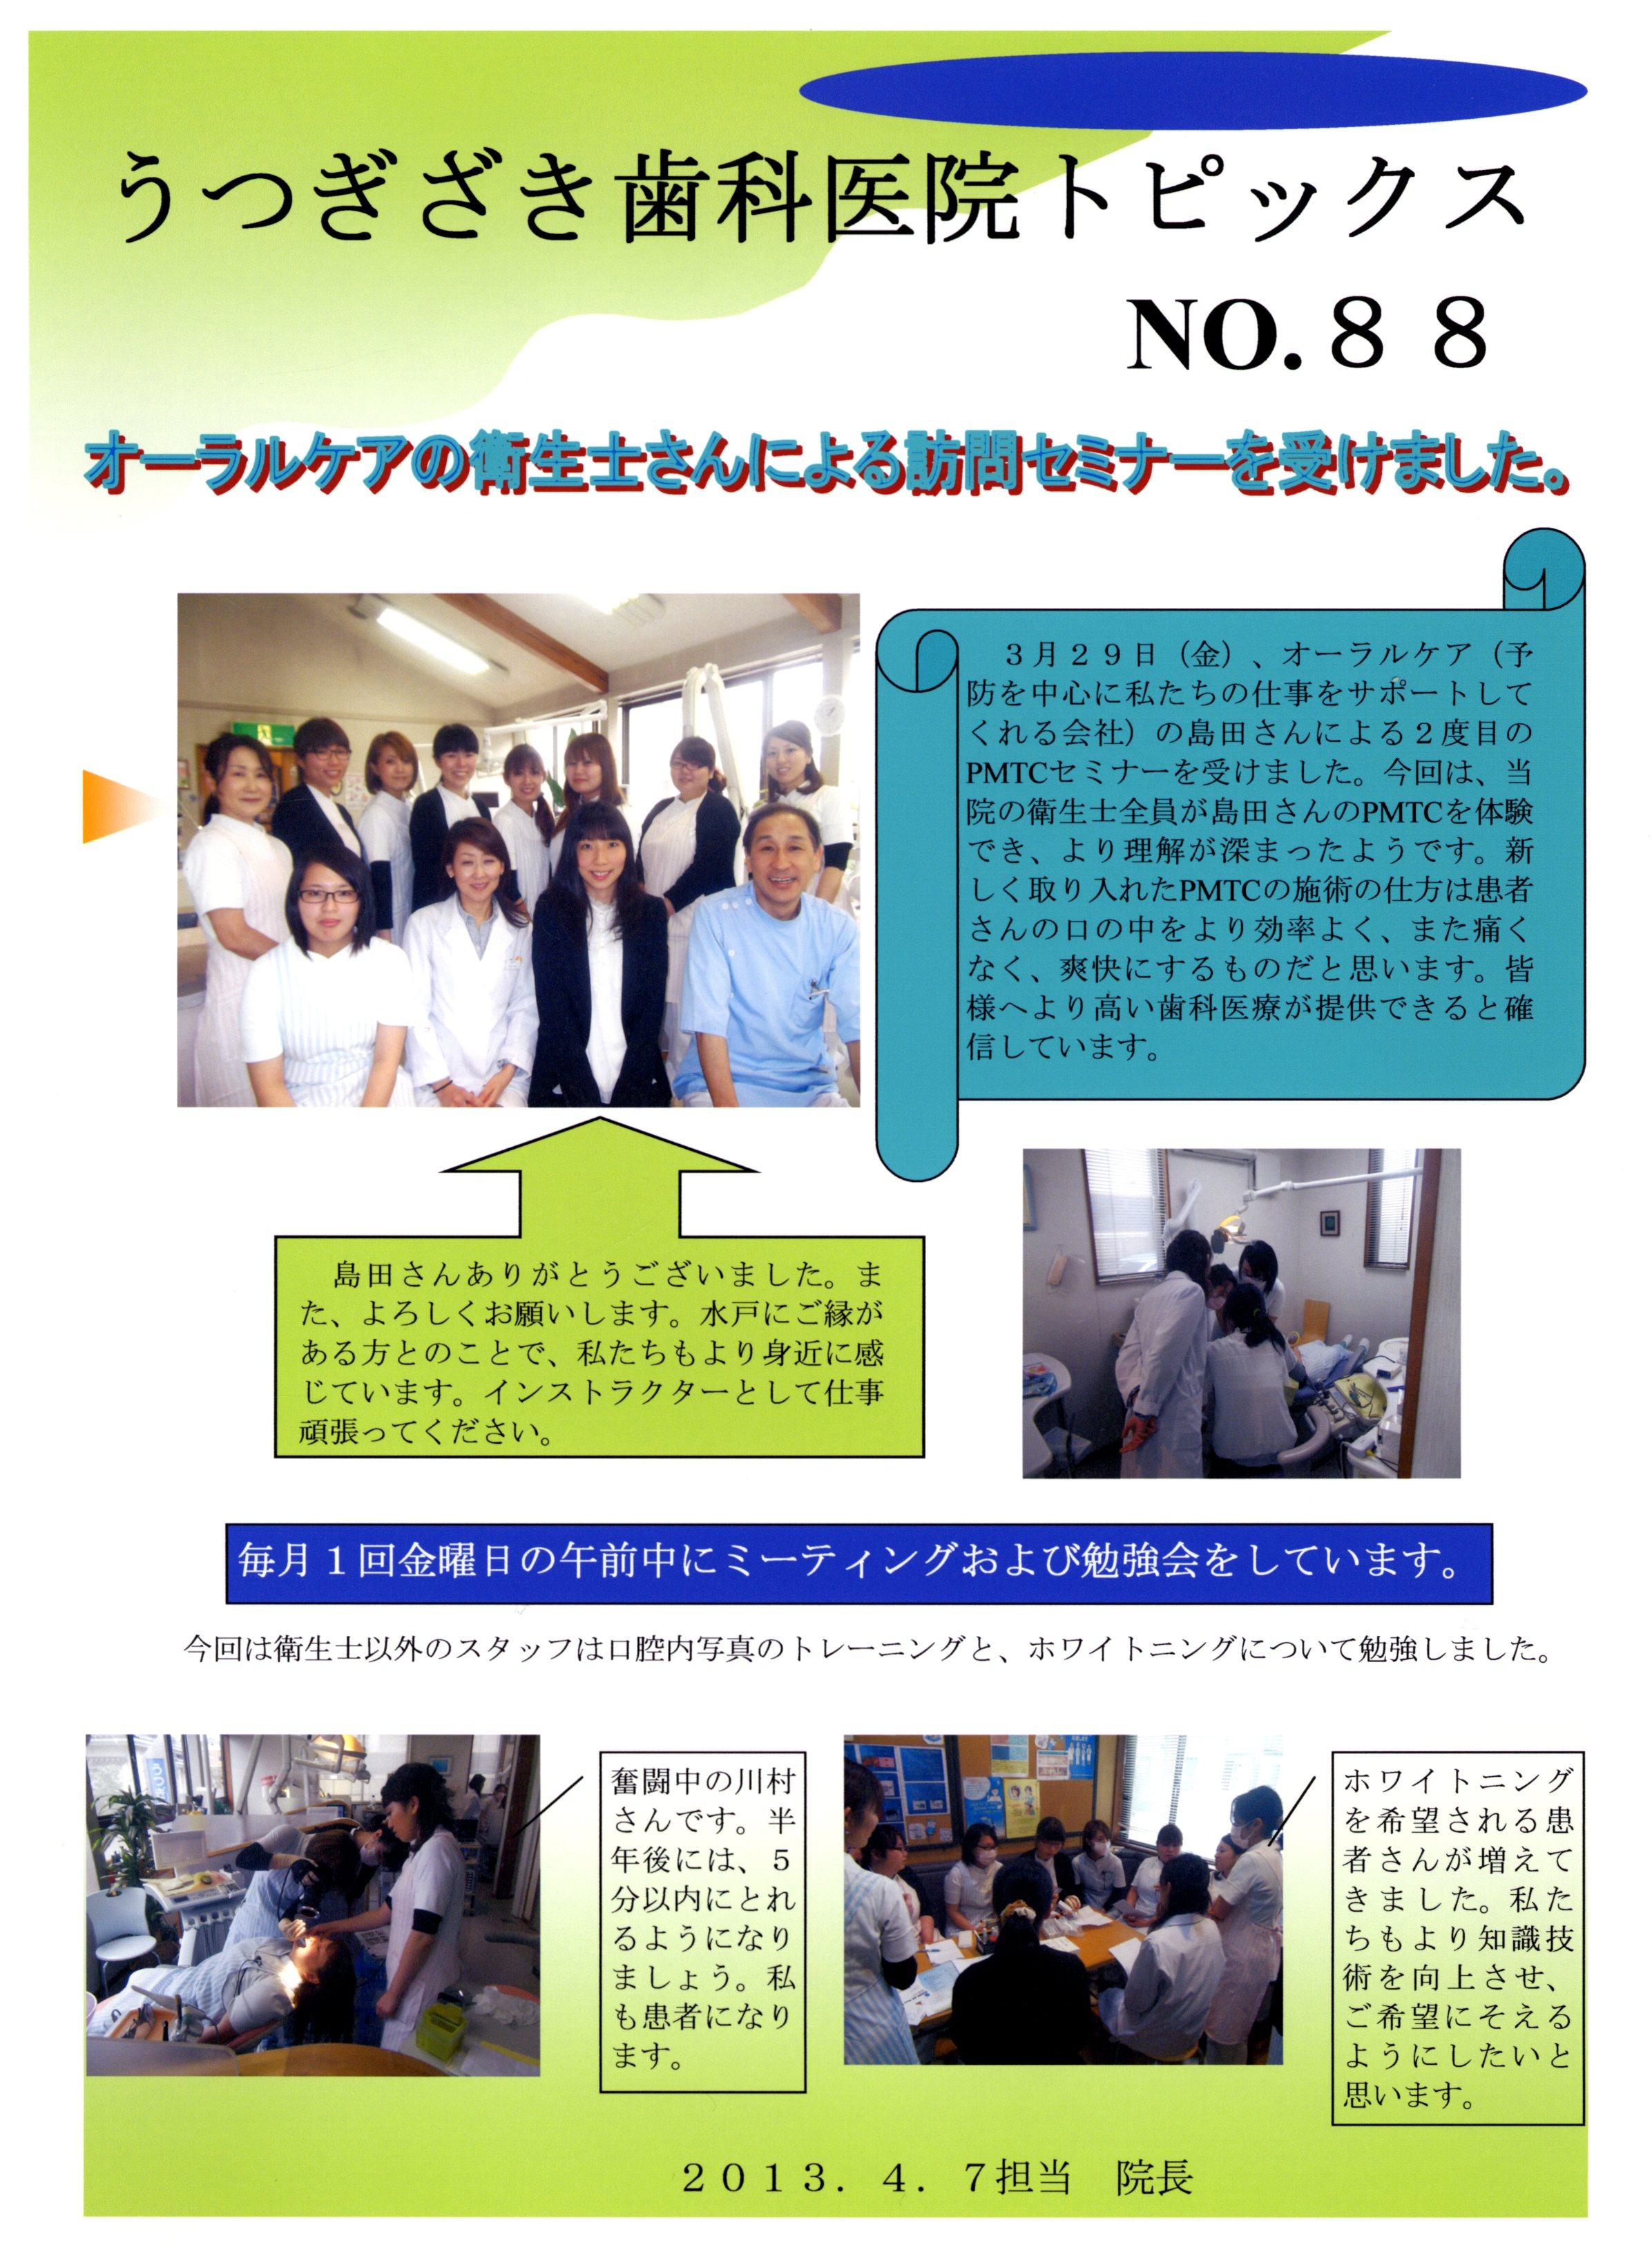 うつぎざき歯科医院トピックス NO.88